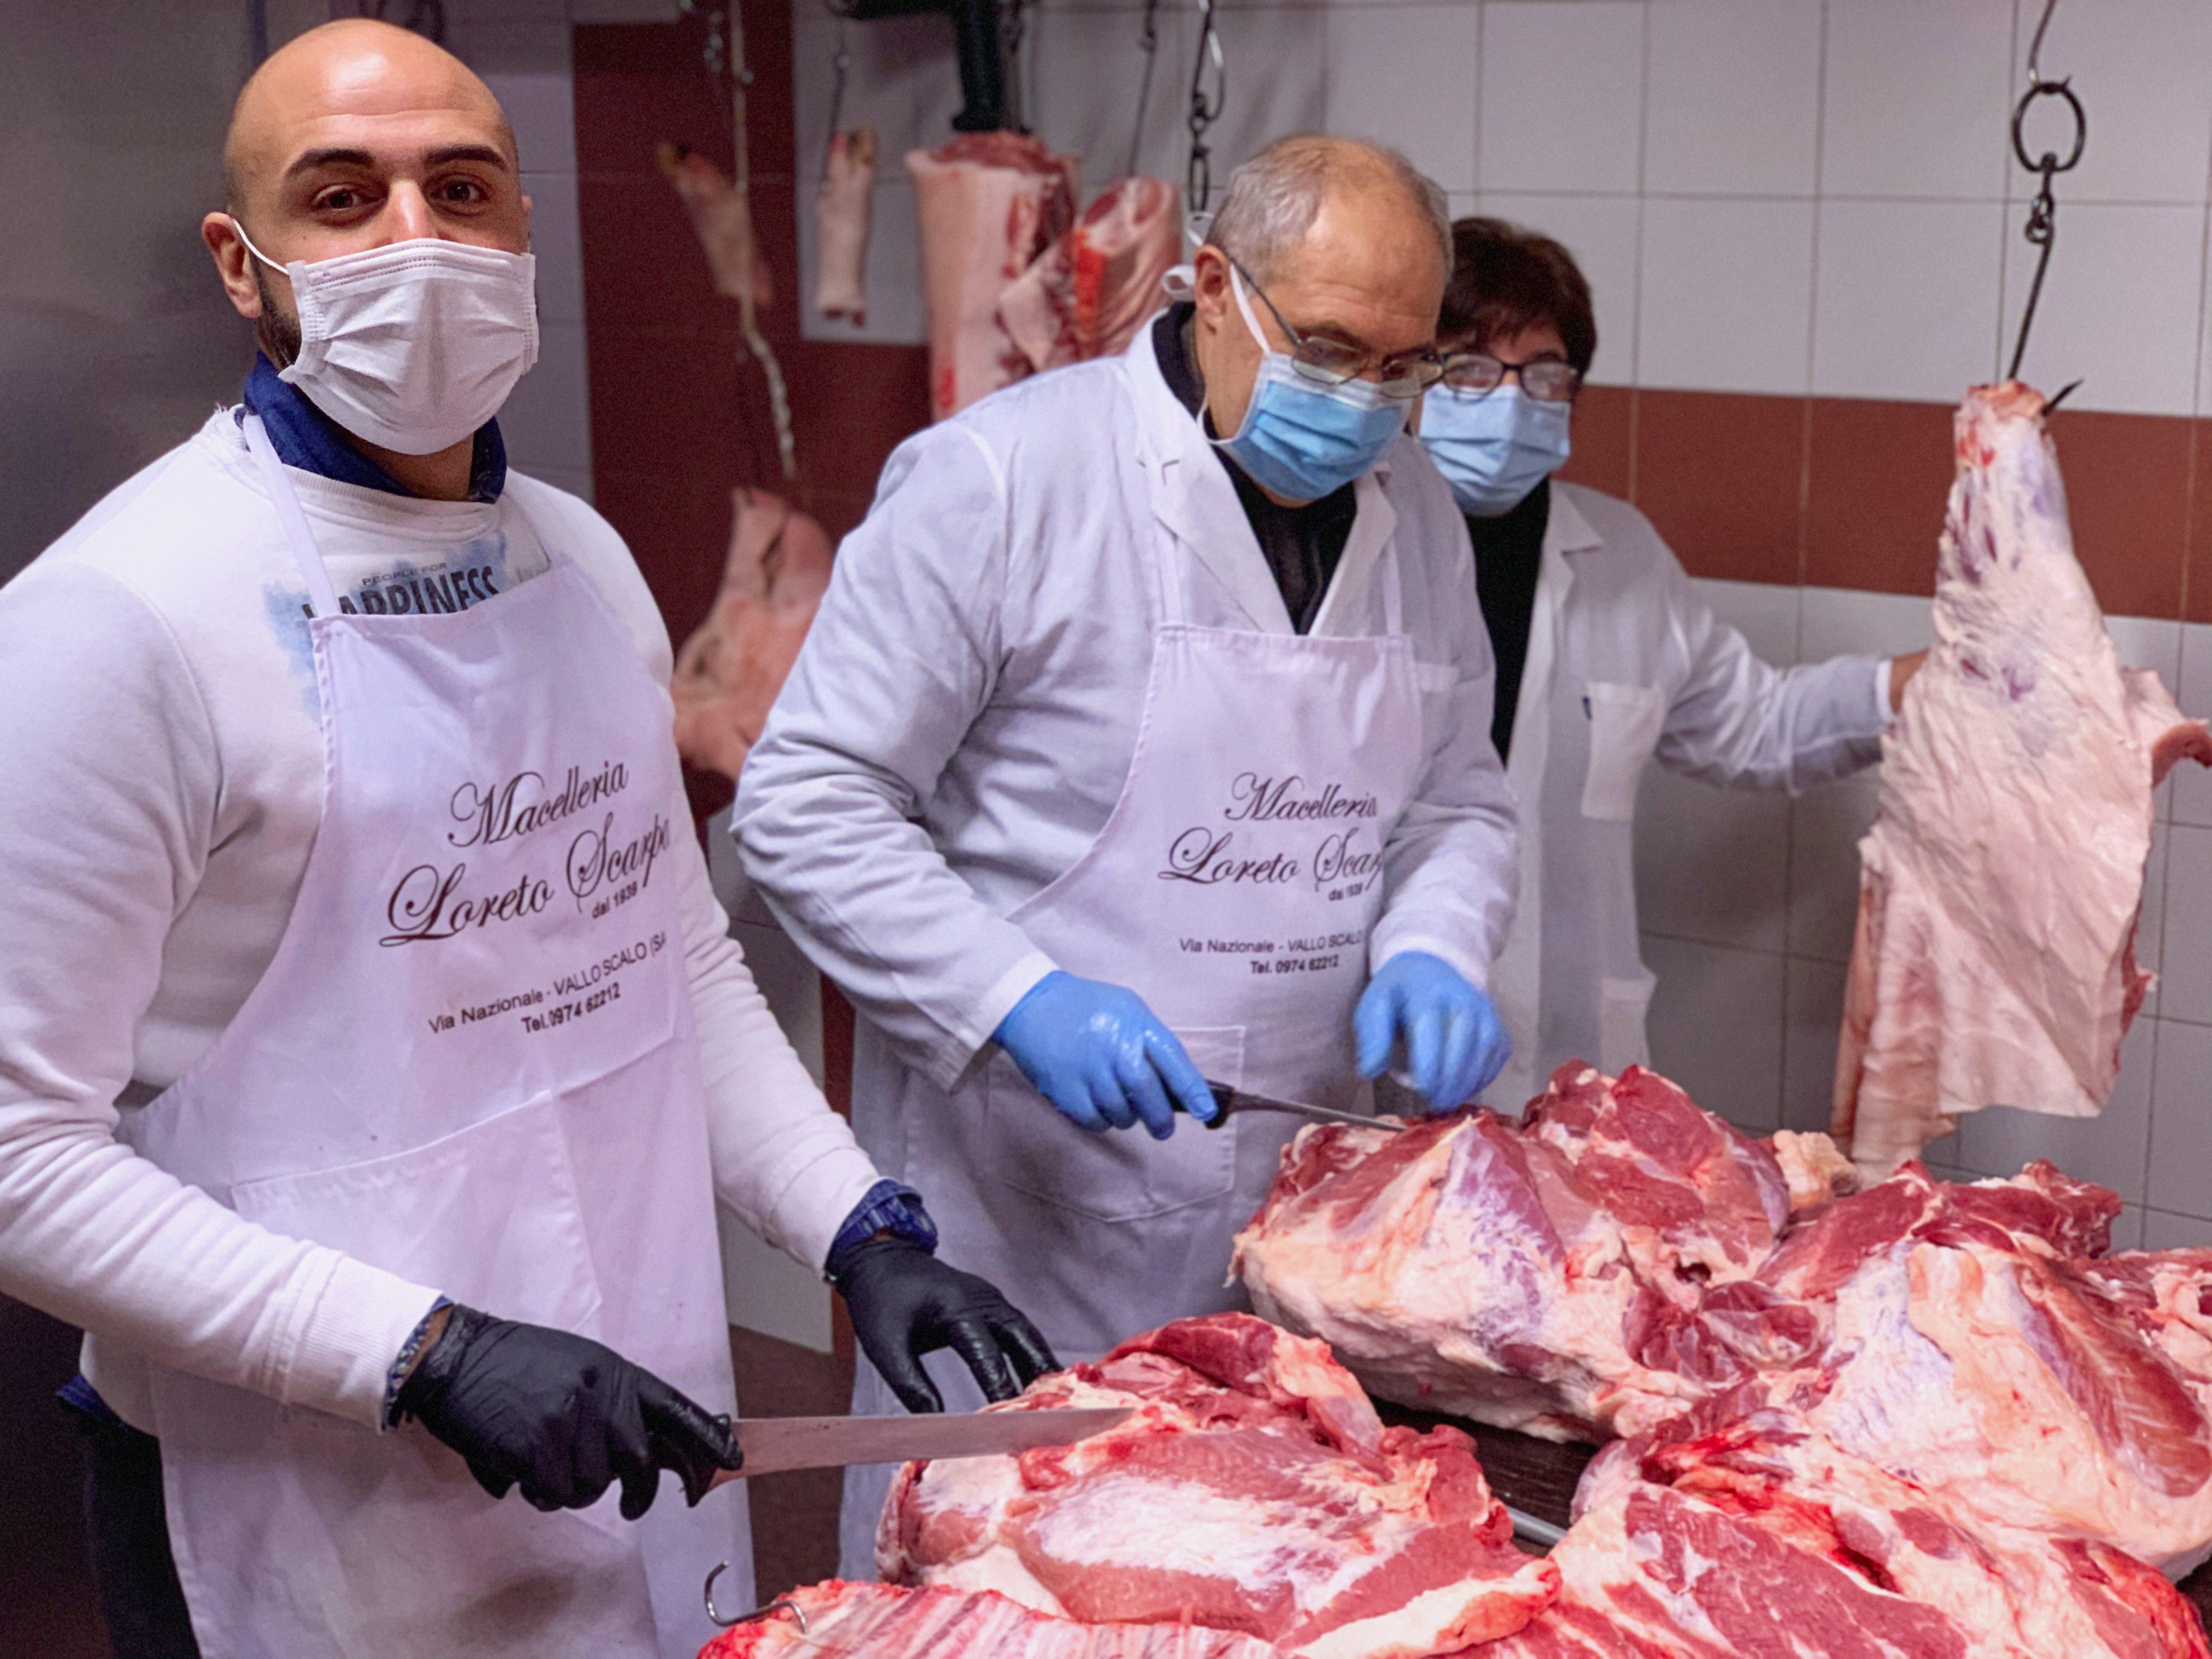 Del maiale non si butta via niente: vi spieghiamo il perché